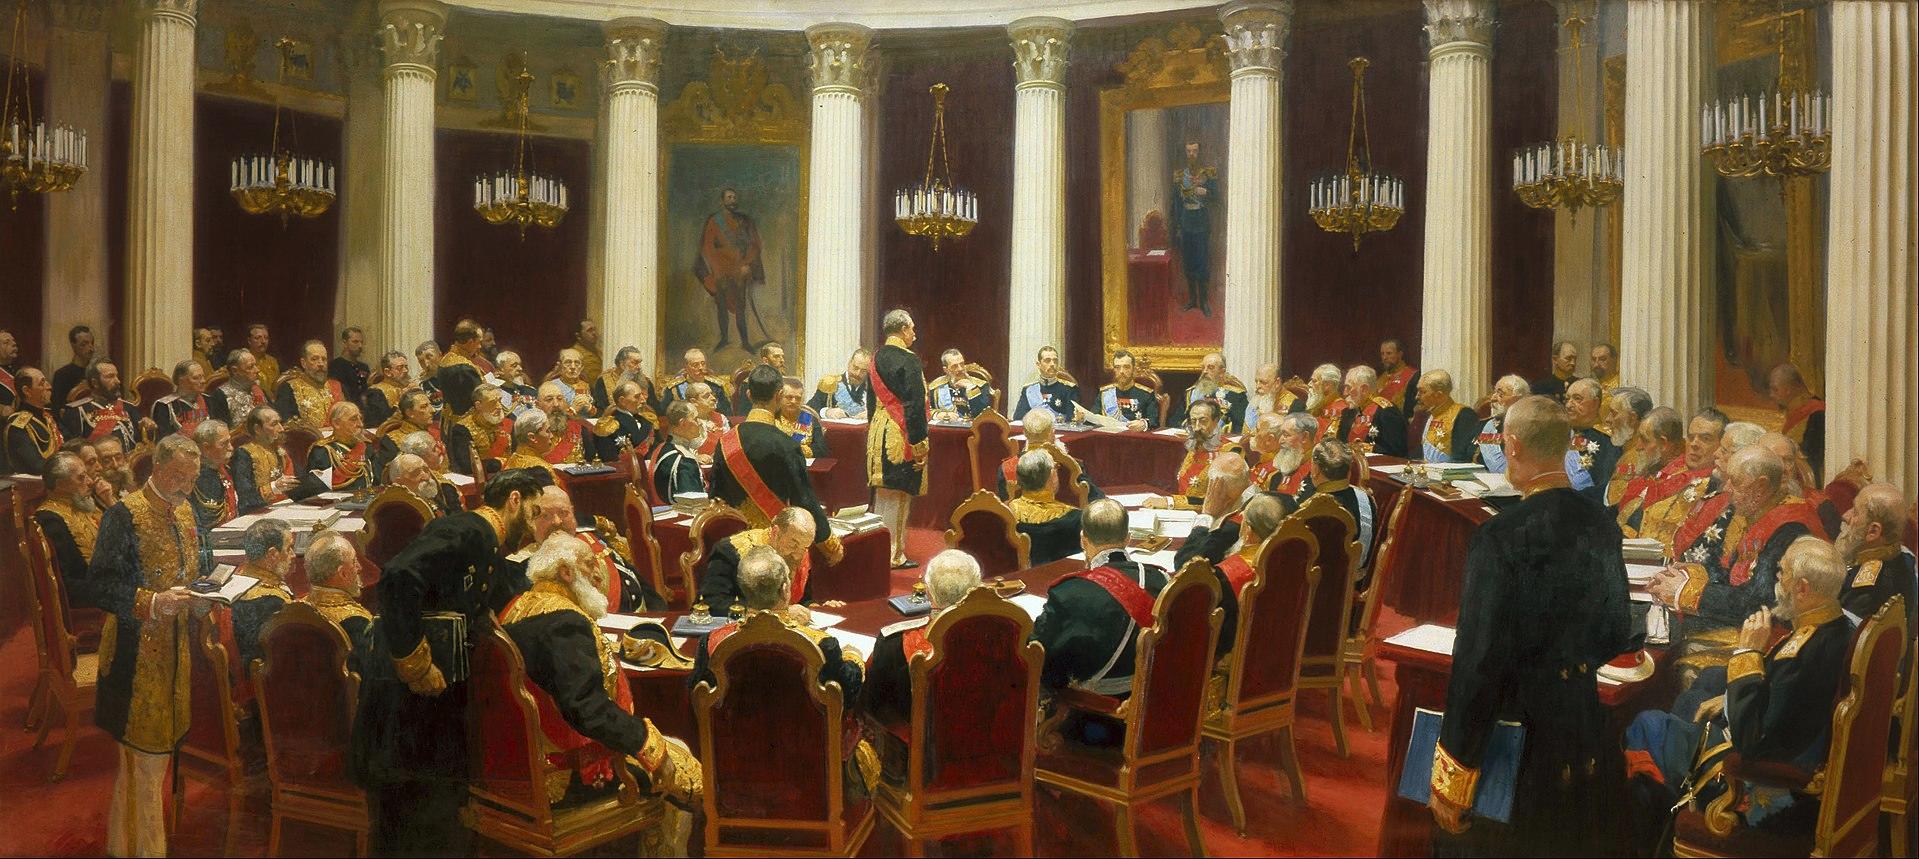 И.Е.  Репин. «Торжественное заседание Государственного совета 7 мая 1901 года  в день столетнего юбилея со дня его учреждения», 1903.